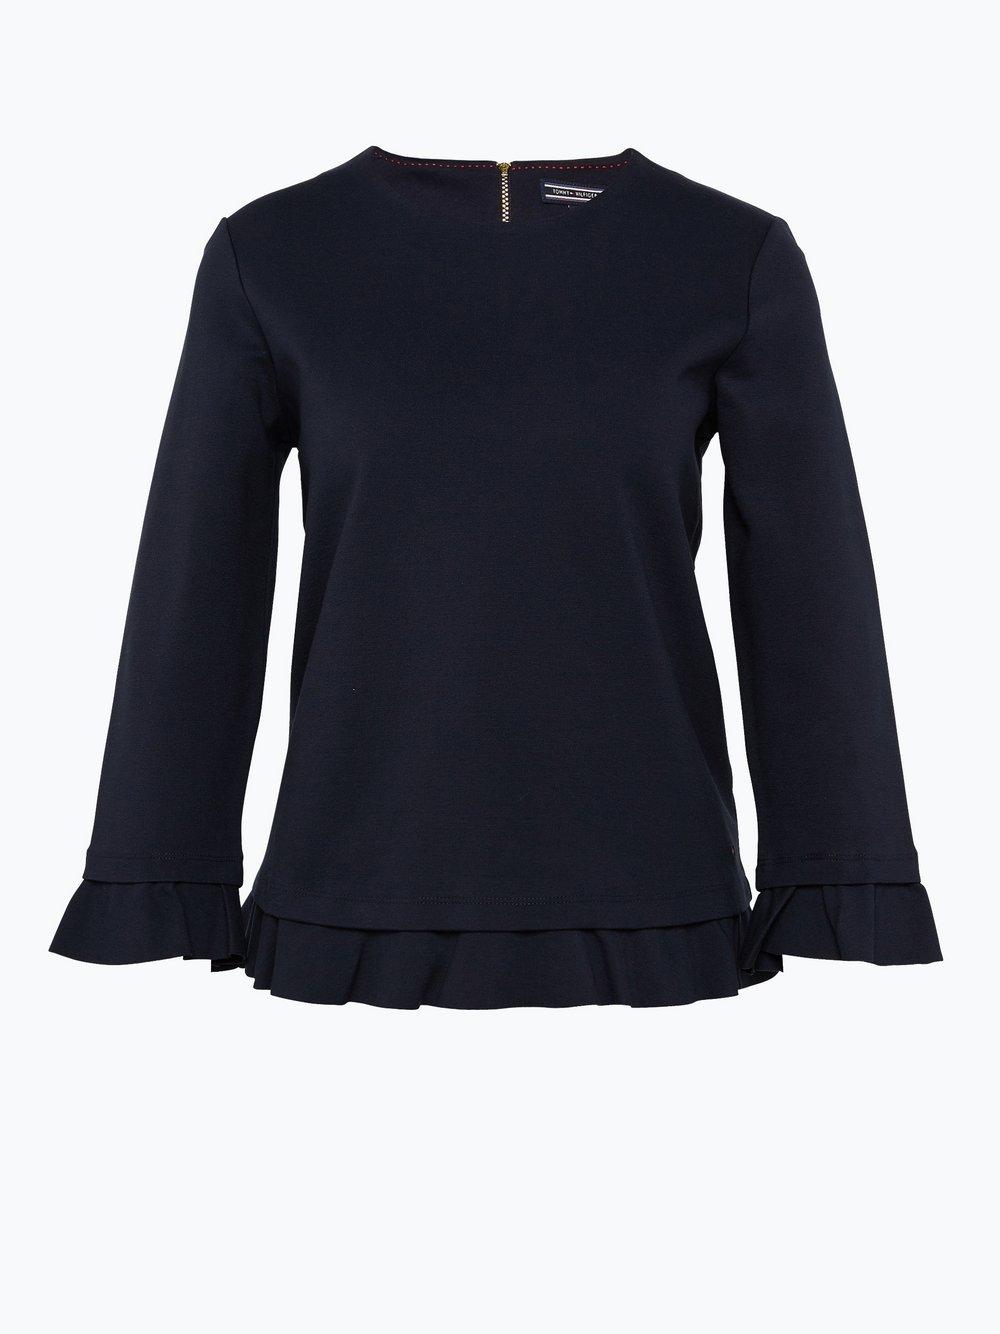 Fashion von Tommy Hilfiger online kaufen bei VAN GRAAF